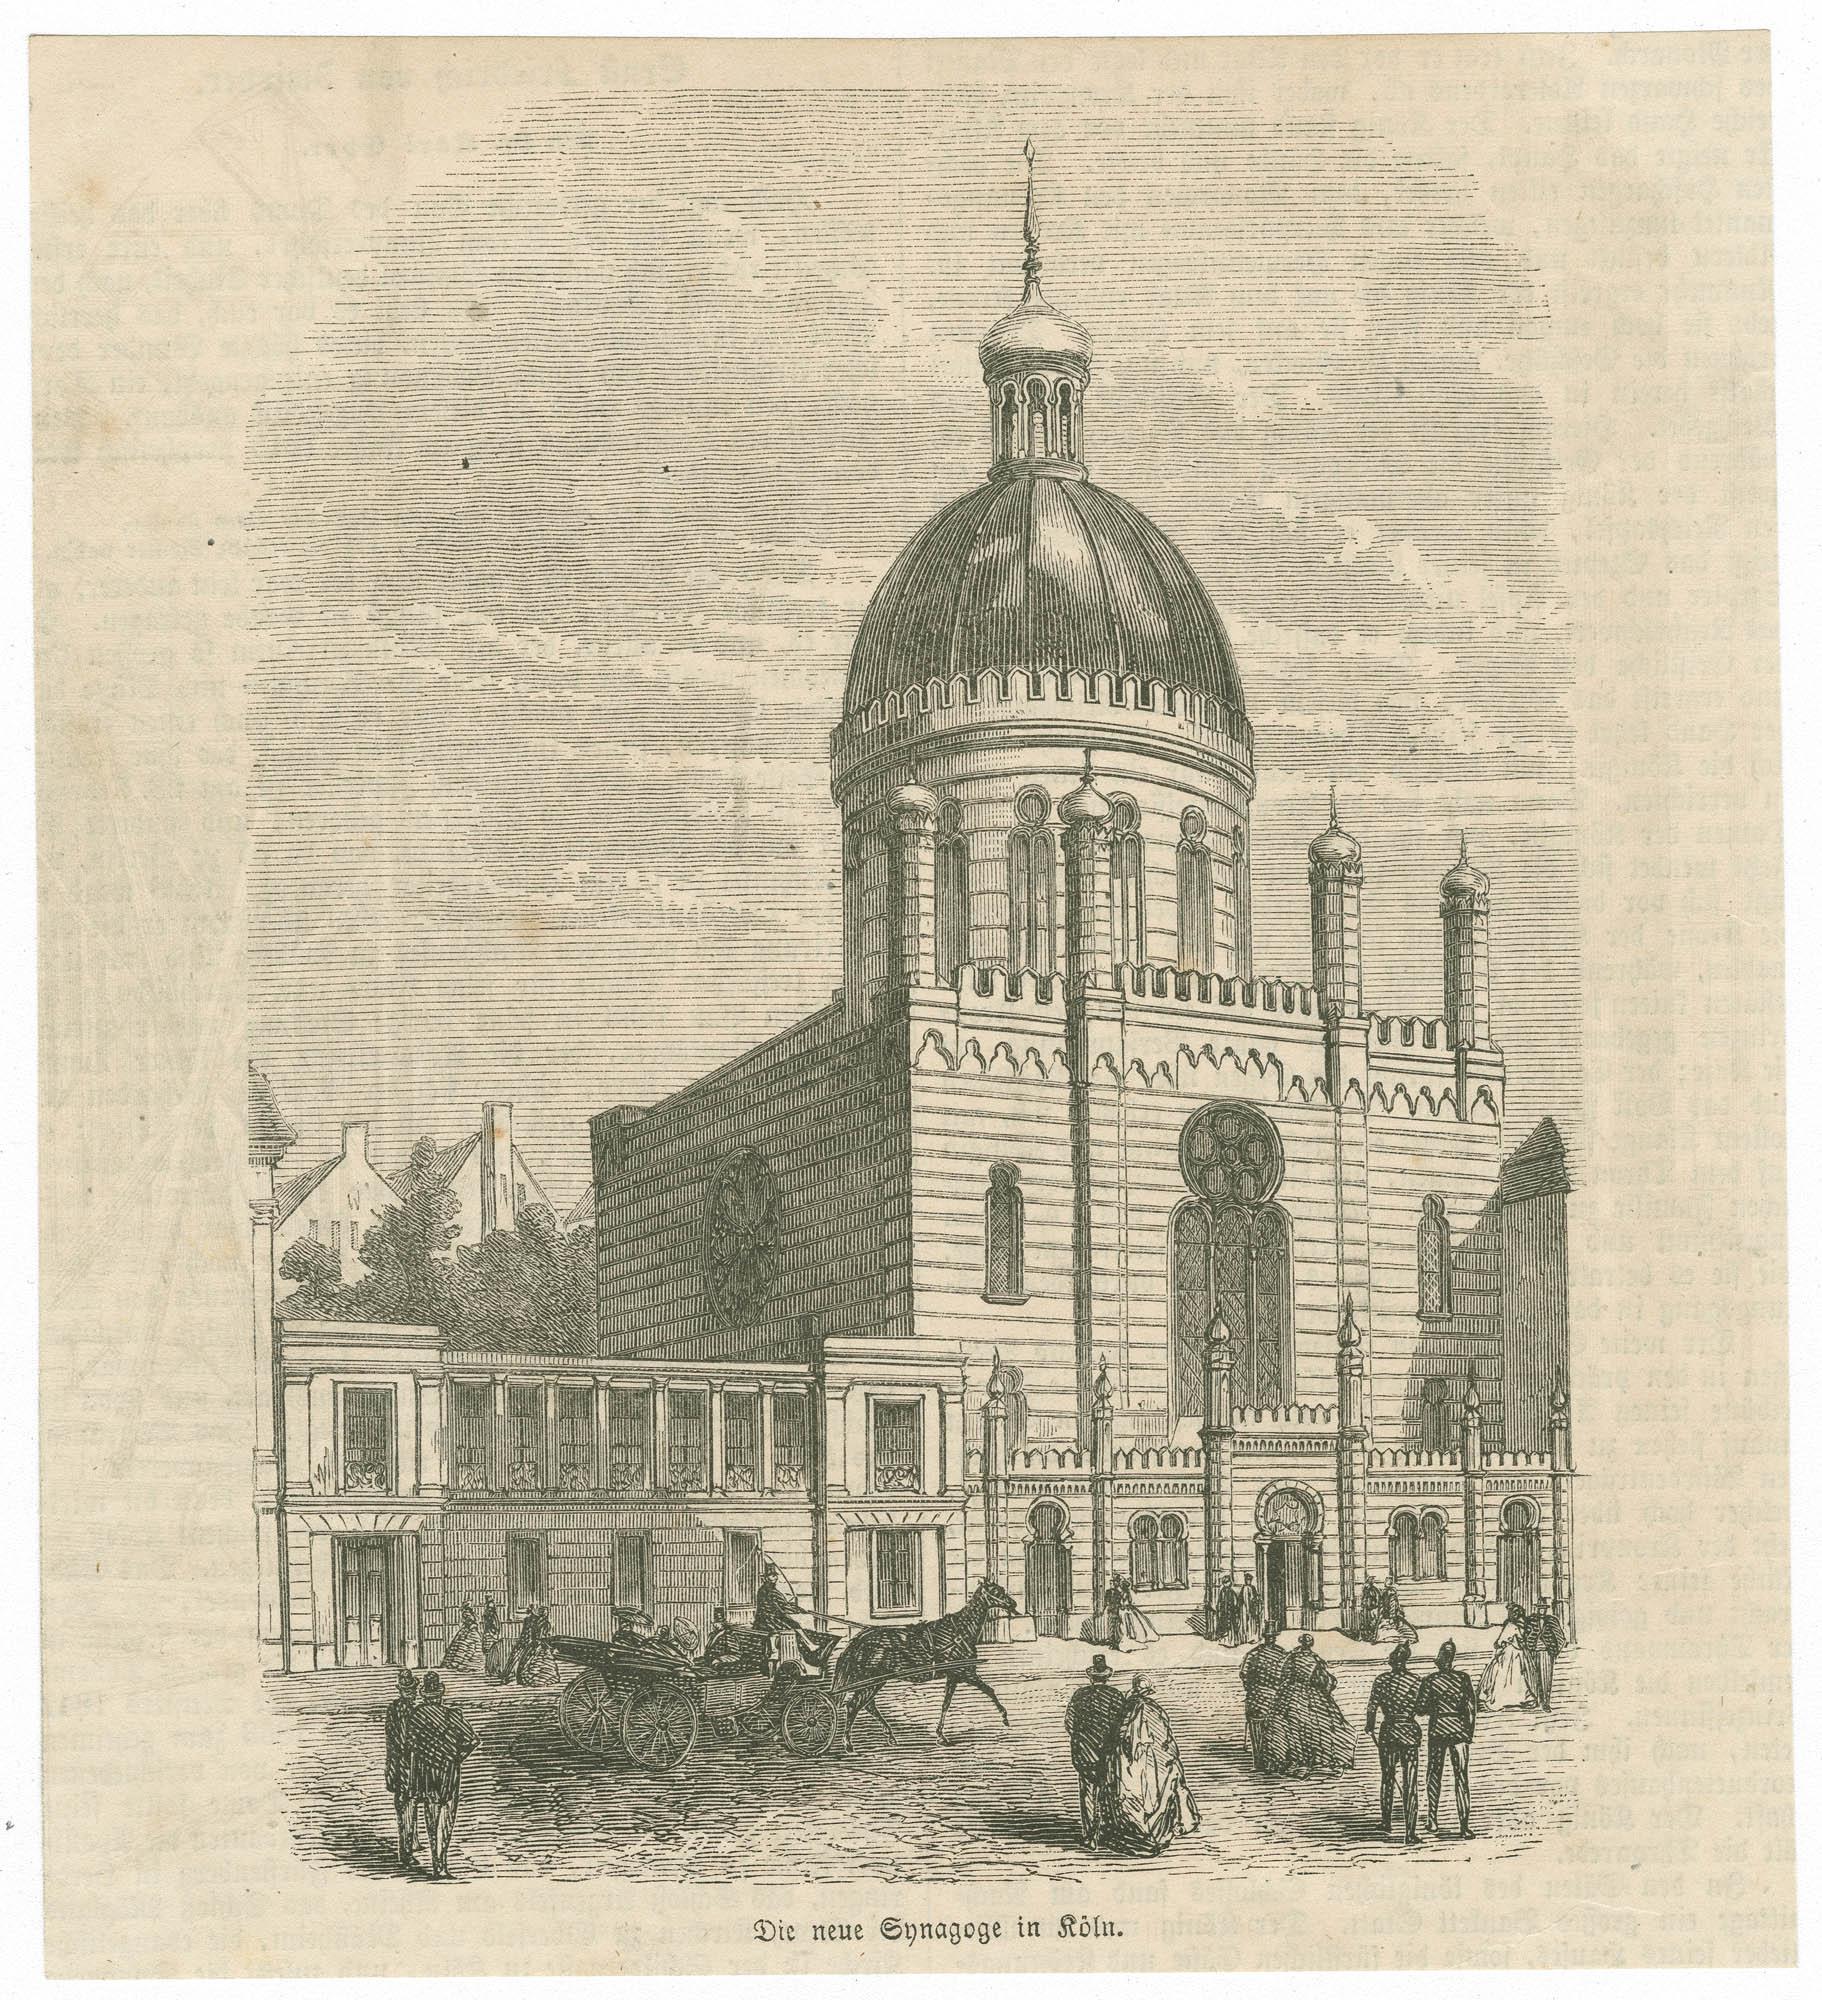 Die neue Synagoge in Köln